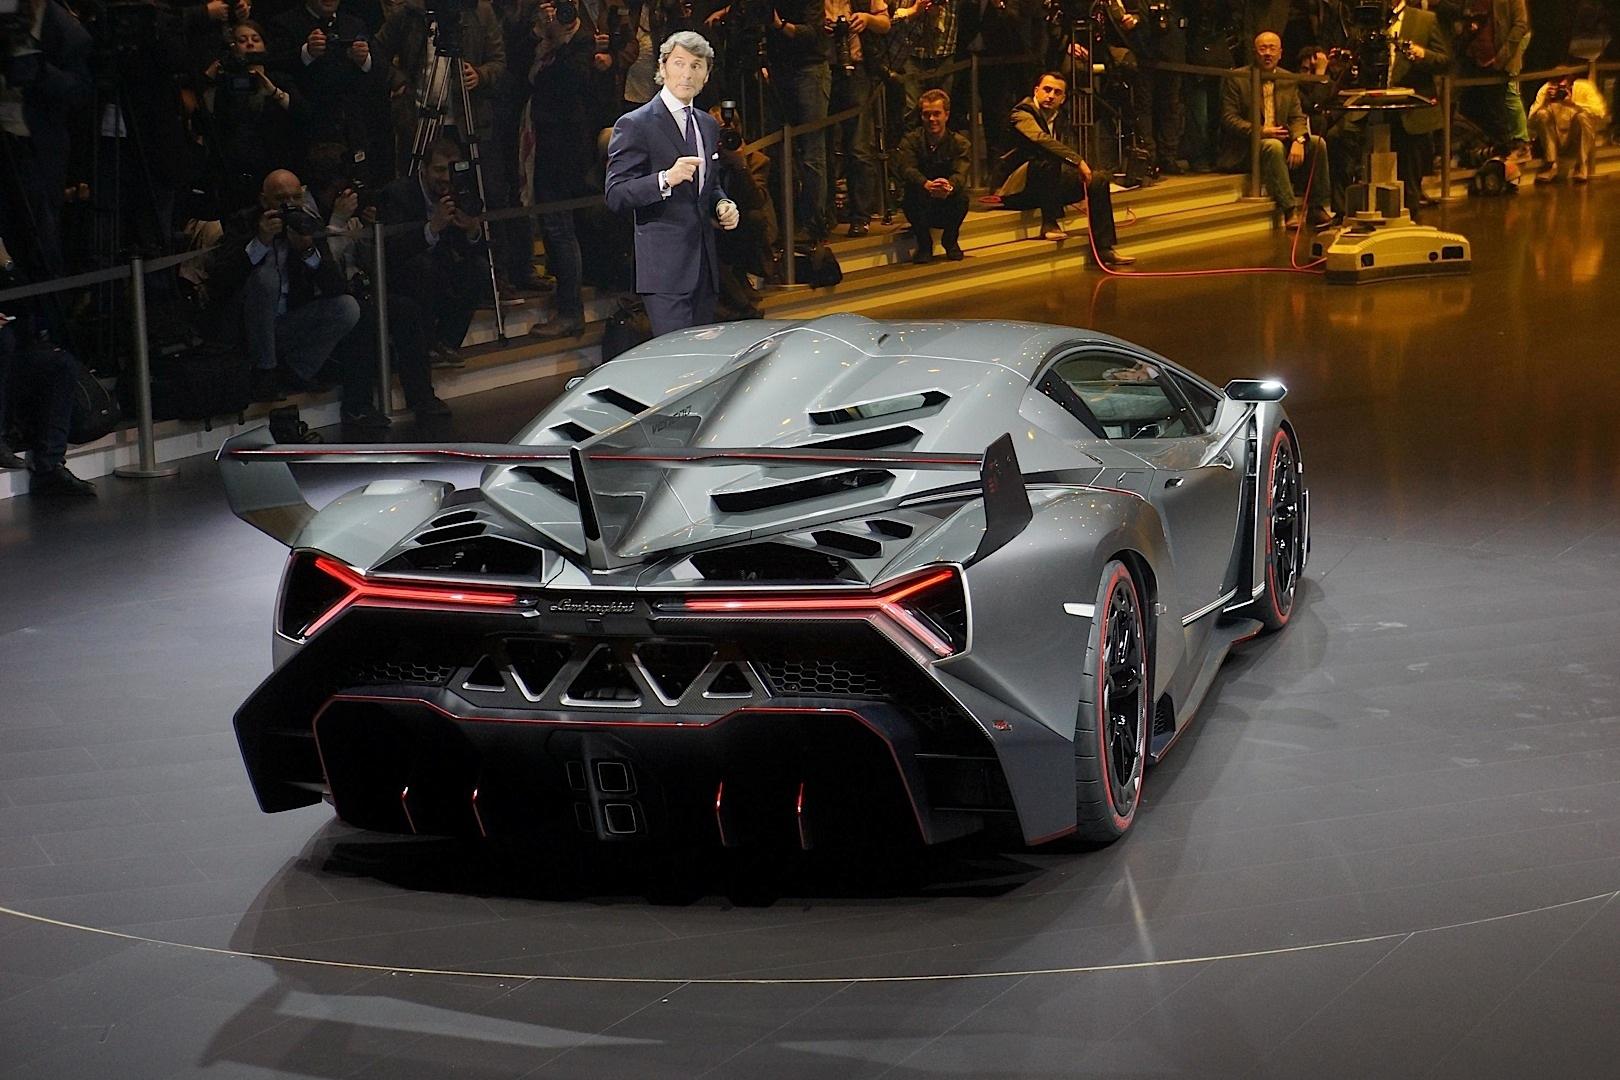 Police Cars For Sale >> Lamborghini Veneno Named World's Ugliest Car - autoevolution